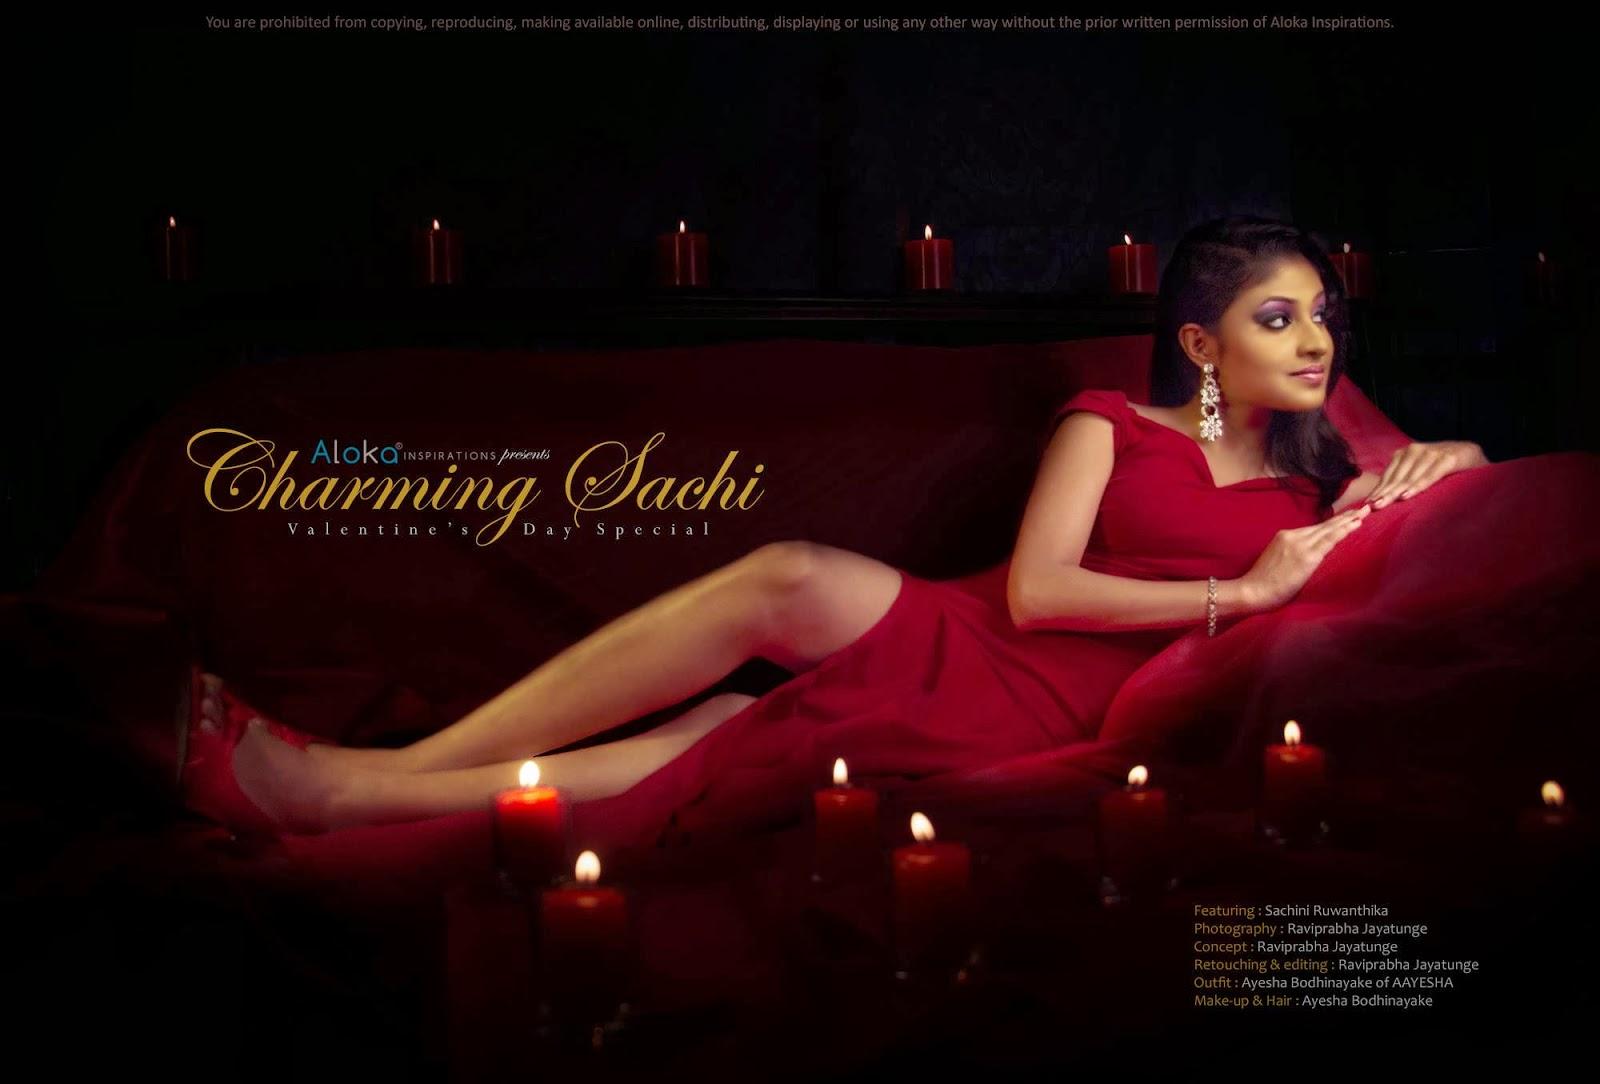 Sachini Ruwanthika red legs